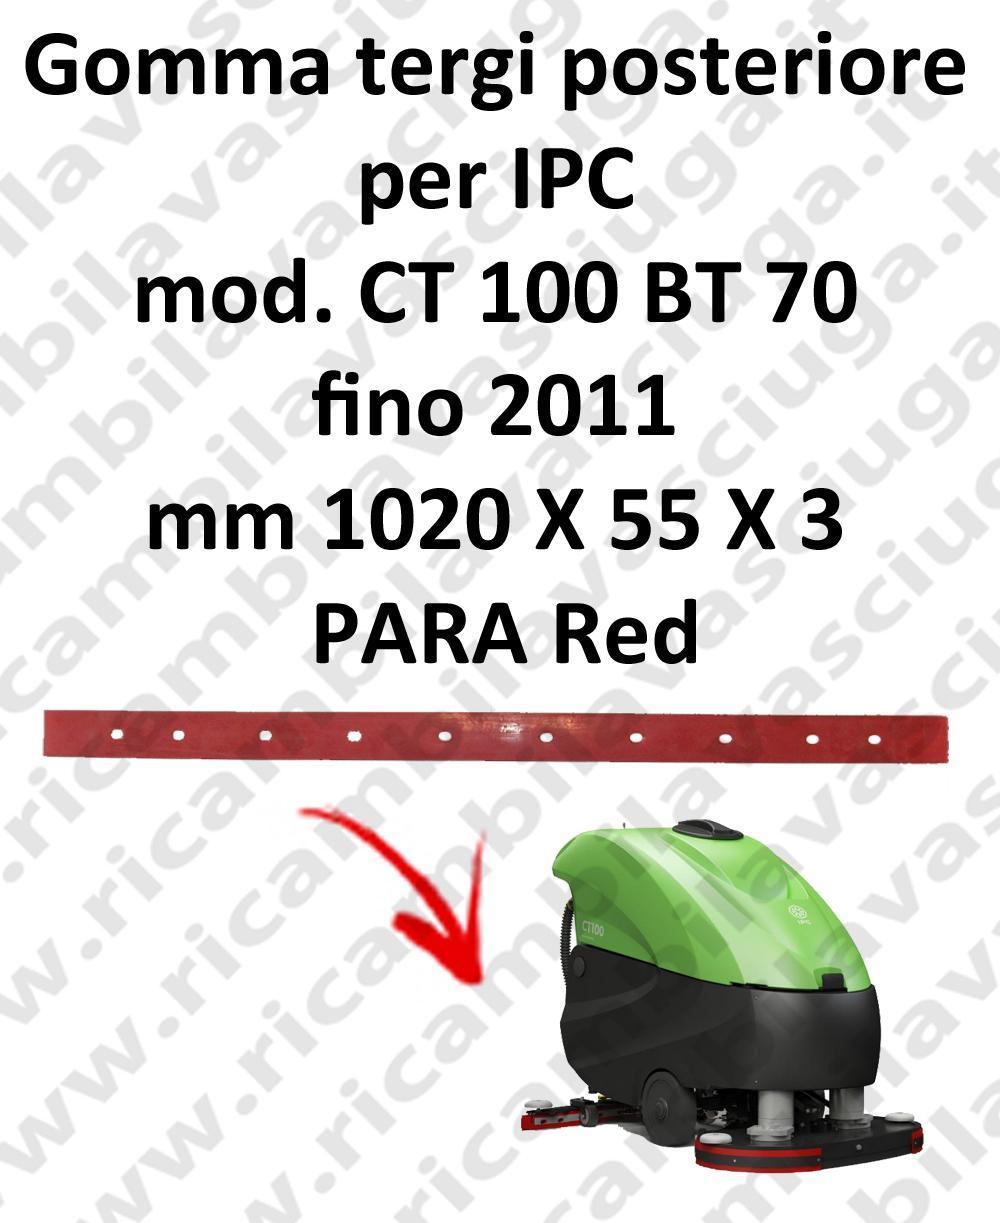 CT 100 BT 70 jusqu'à 2011 BAVETTE ARRIERE pour IPC